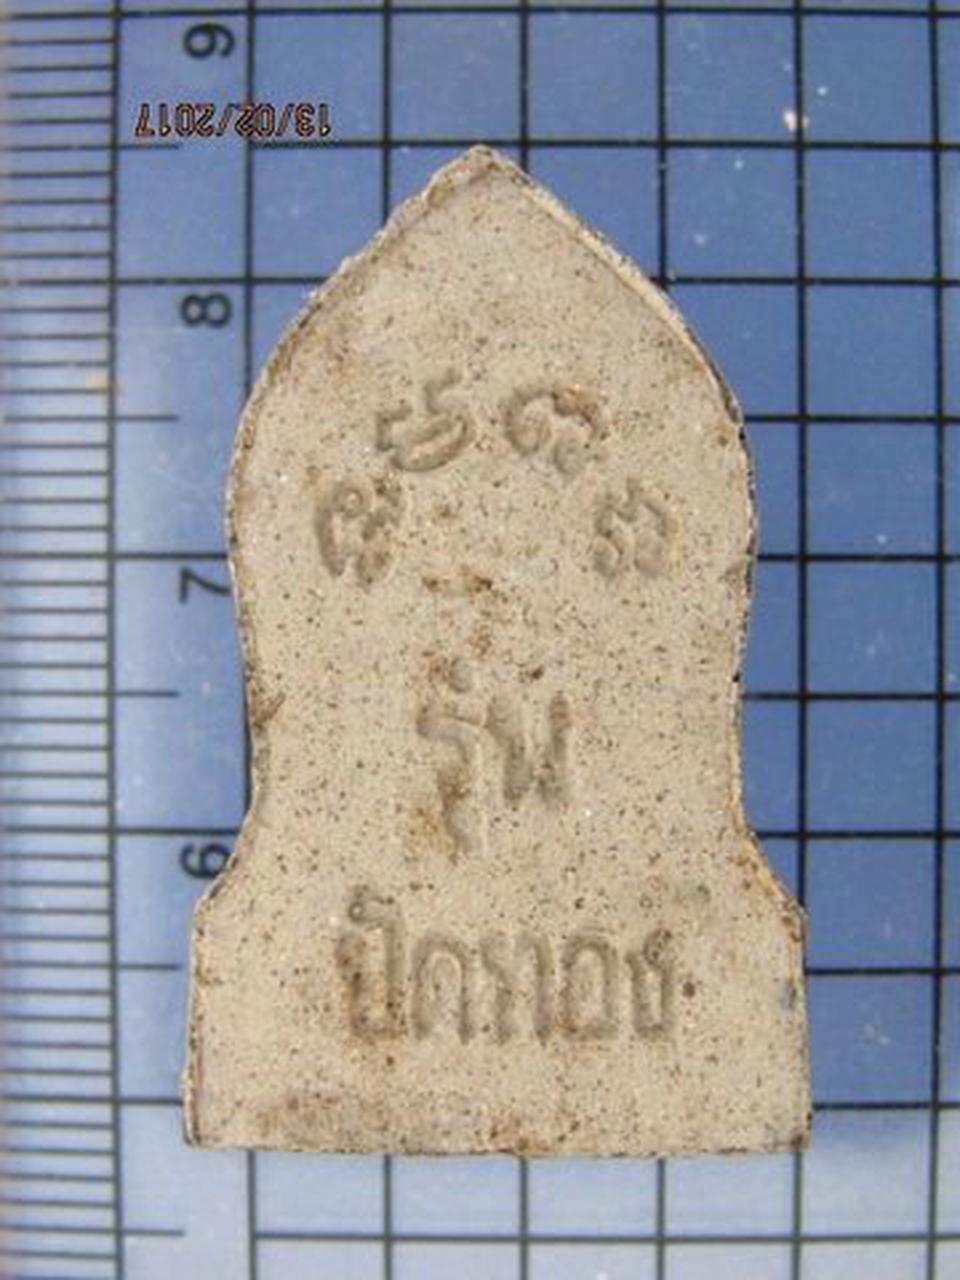 4251 พระพุทธชินราชใบเสมาเนื้อผง รุ่นปิดทอง วัดใหญ่ ปี 47 พิษ รูปที่ 2